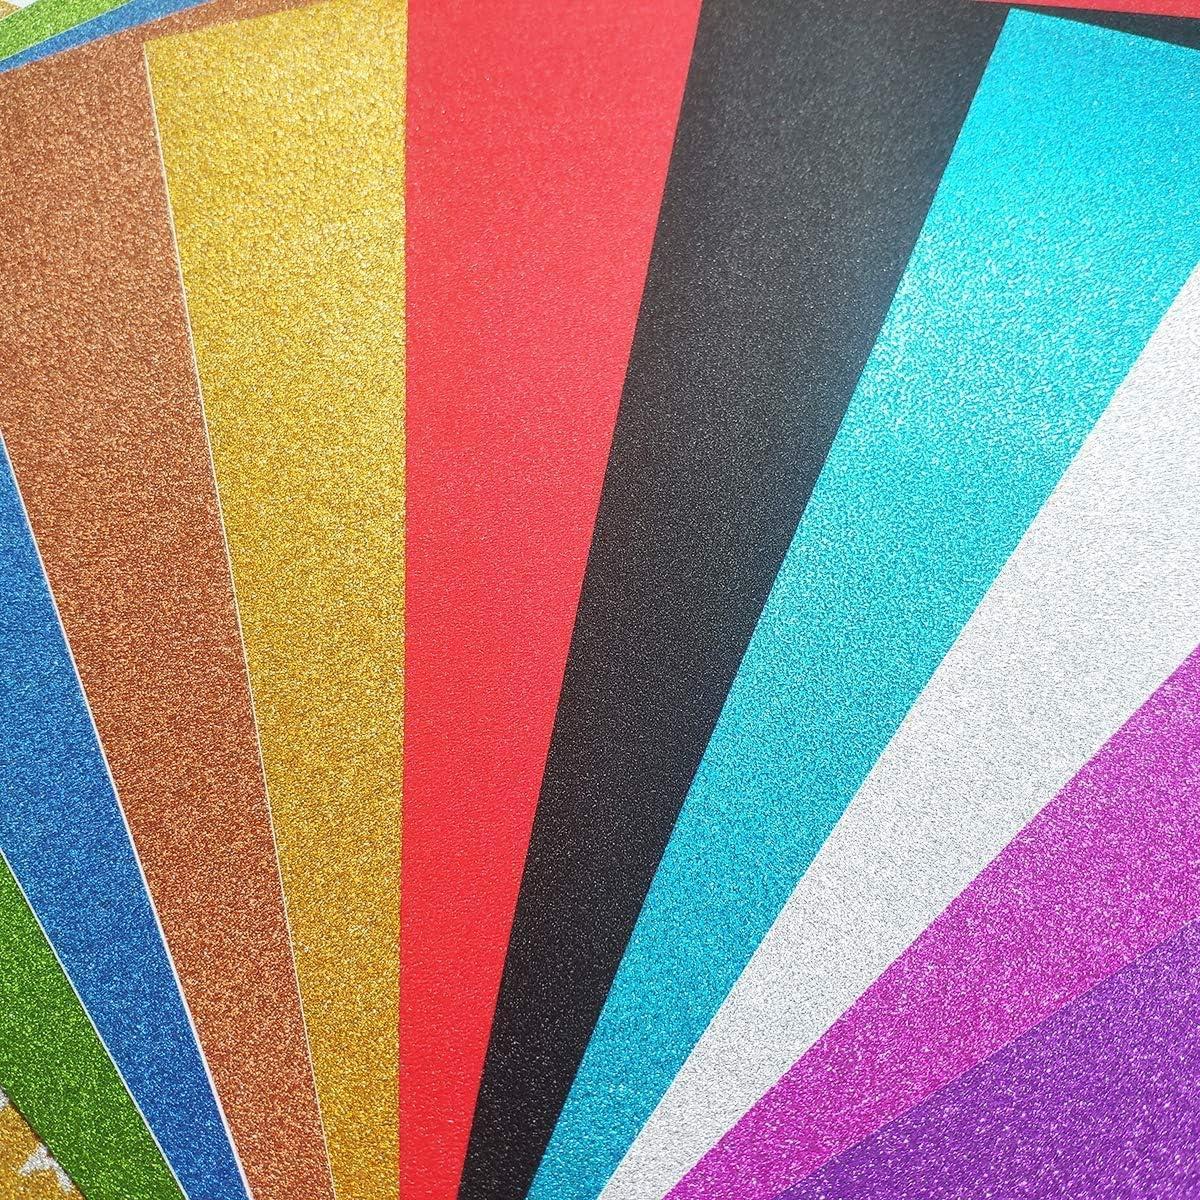 YXJDWEI 10 Feuilles A4 Papiers Paillette Autocollant Multicouleurs Bricolage Artisanat